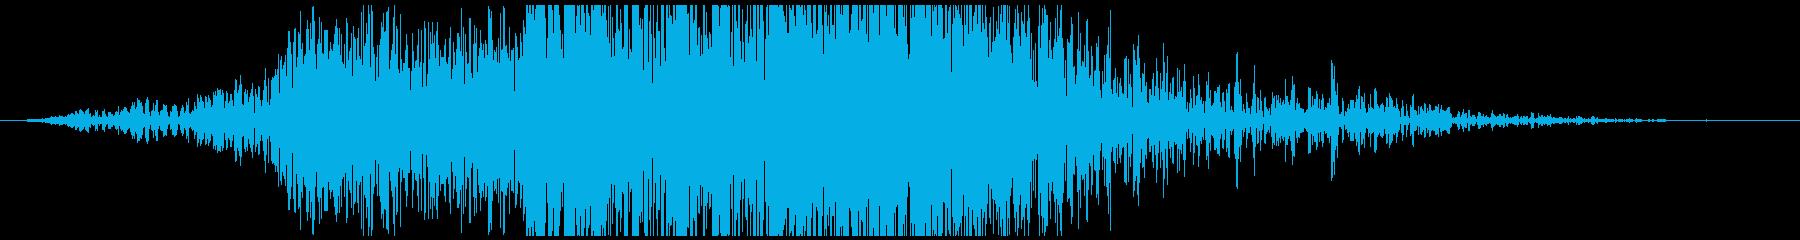 ヘビーメタルクラッシュの再生済みの波形